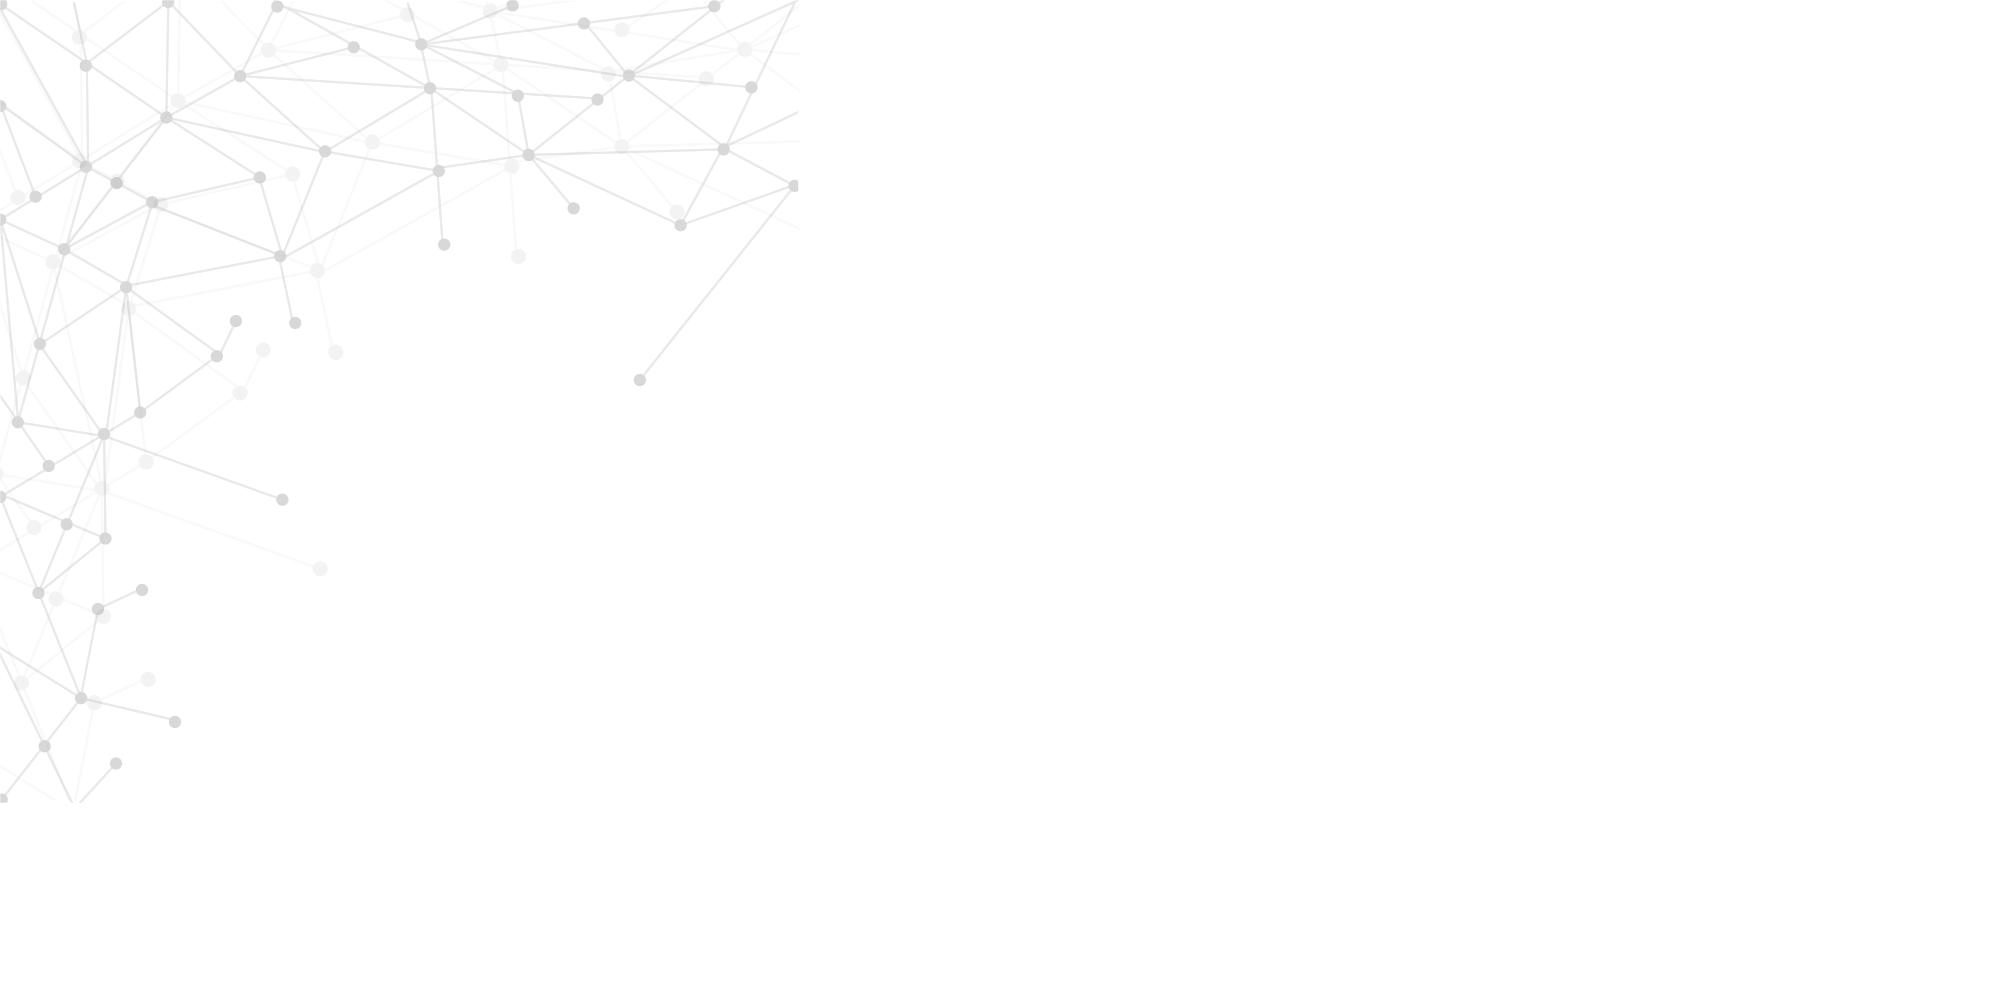 Fondo Geométrico: Fondo-geometrico-2